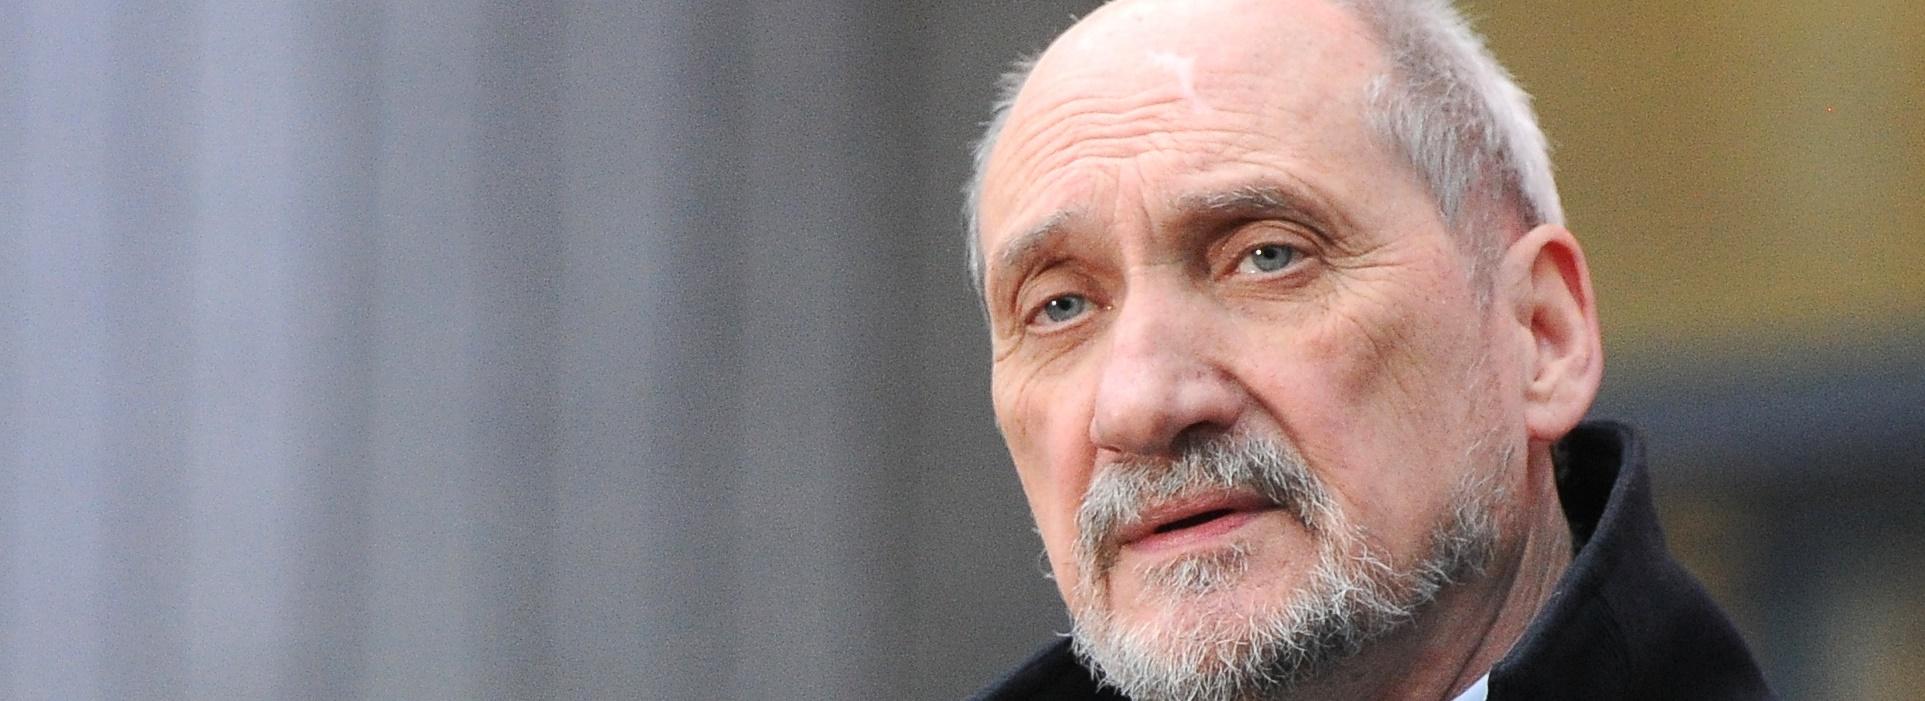 Macierewicz w TVP Info: To odkrycie może być przełomem w wyjaśnieniu przyczyn katastrofy smoleńskiej